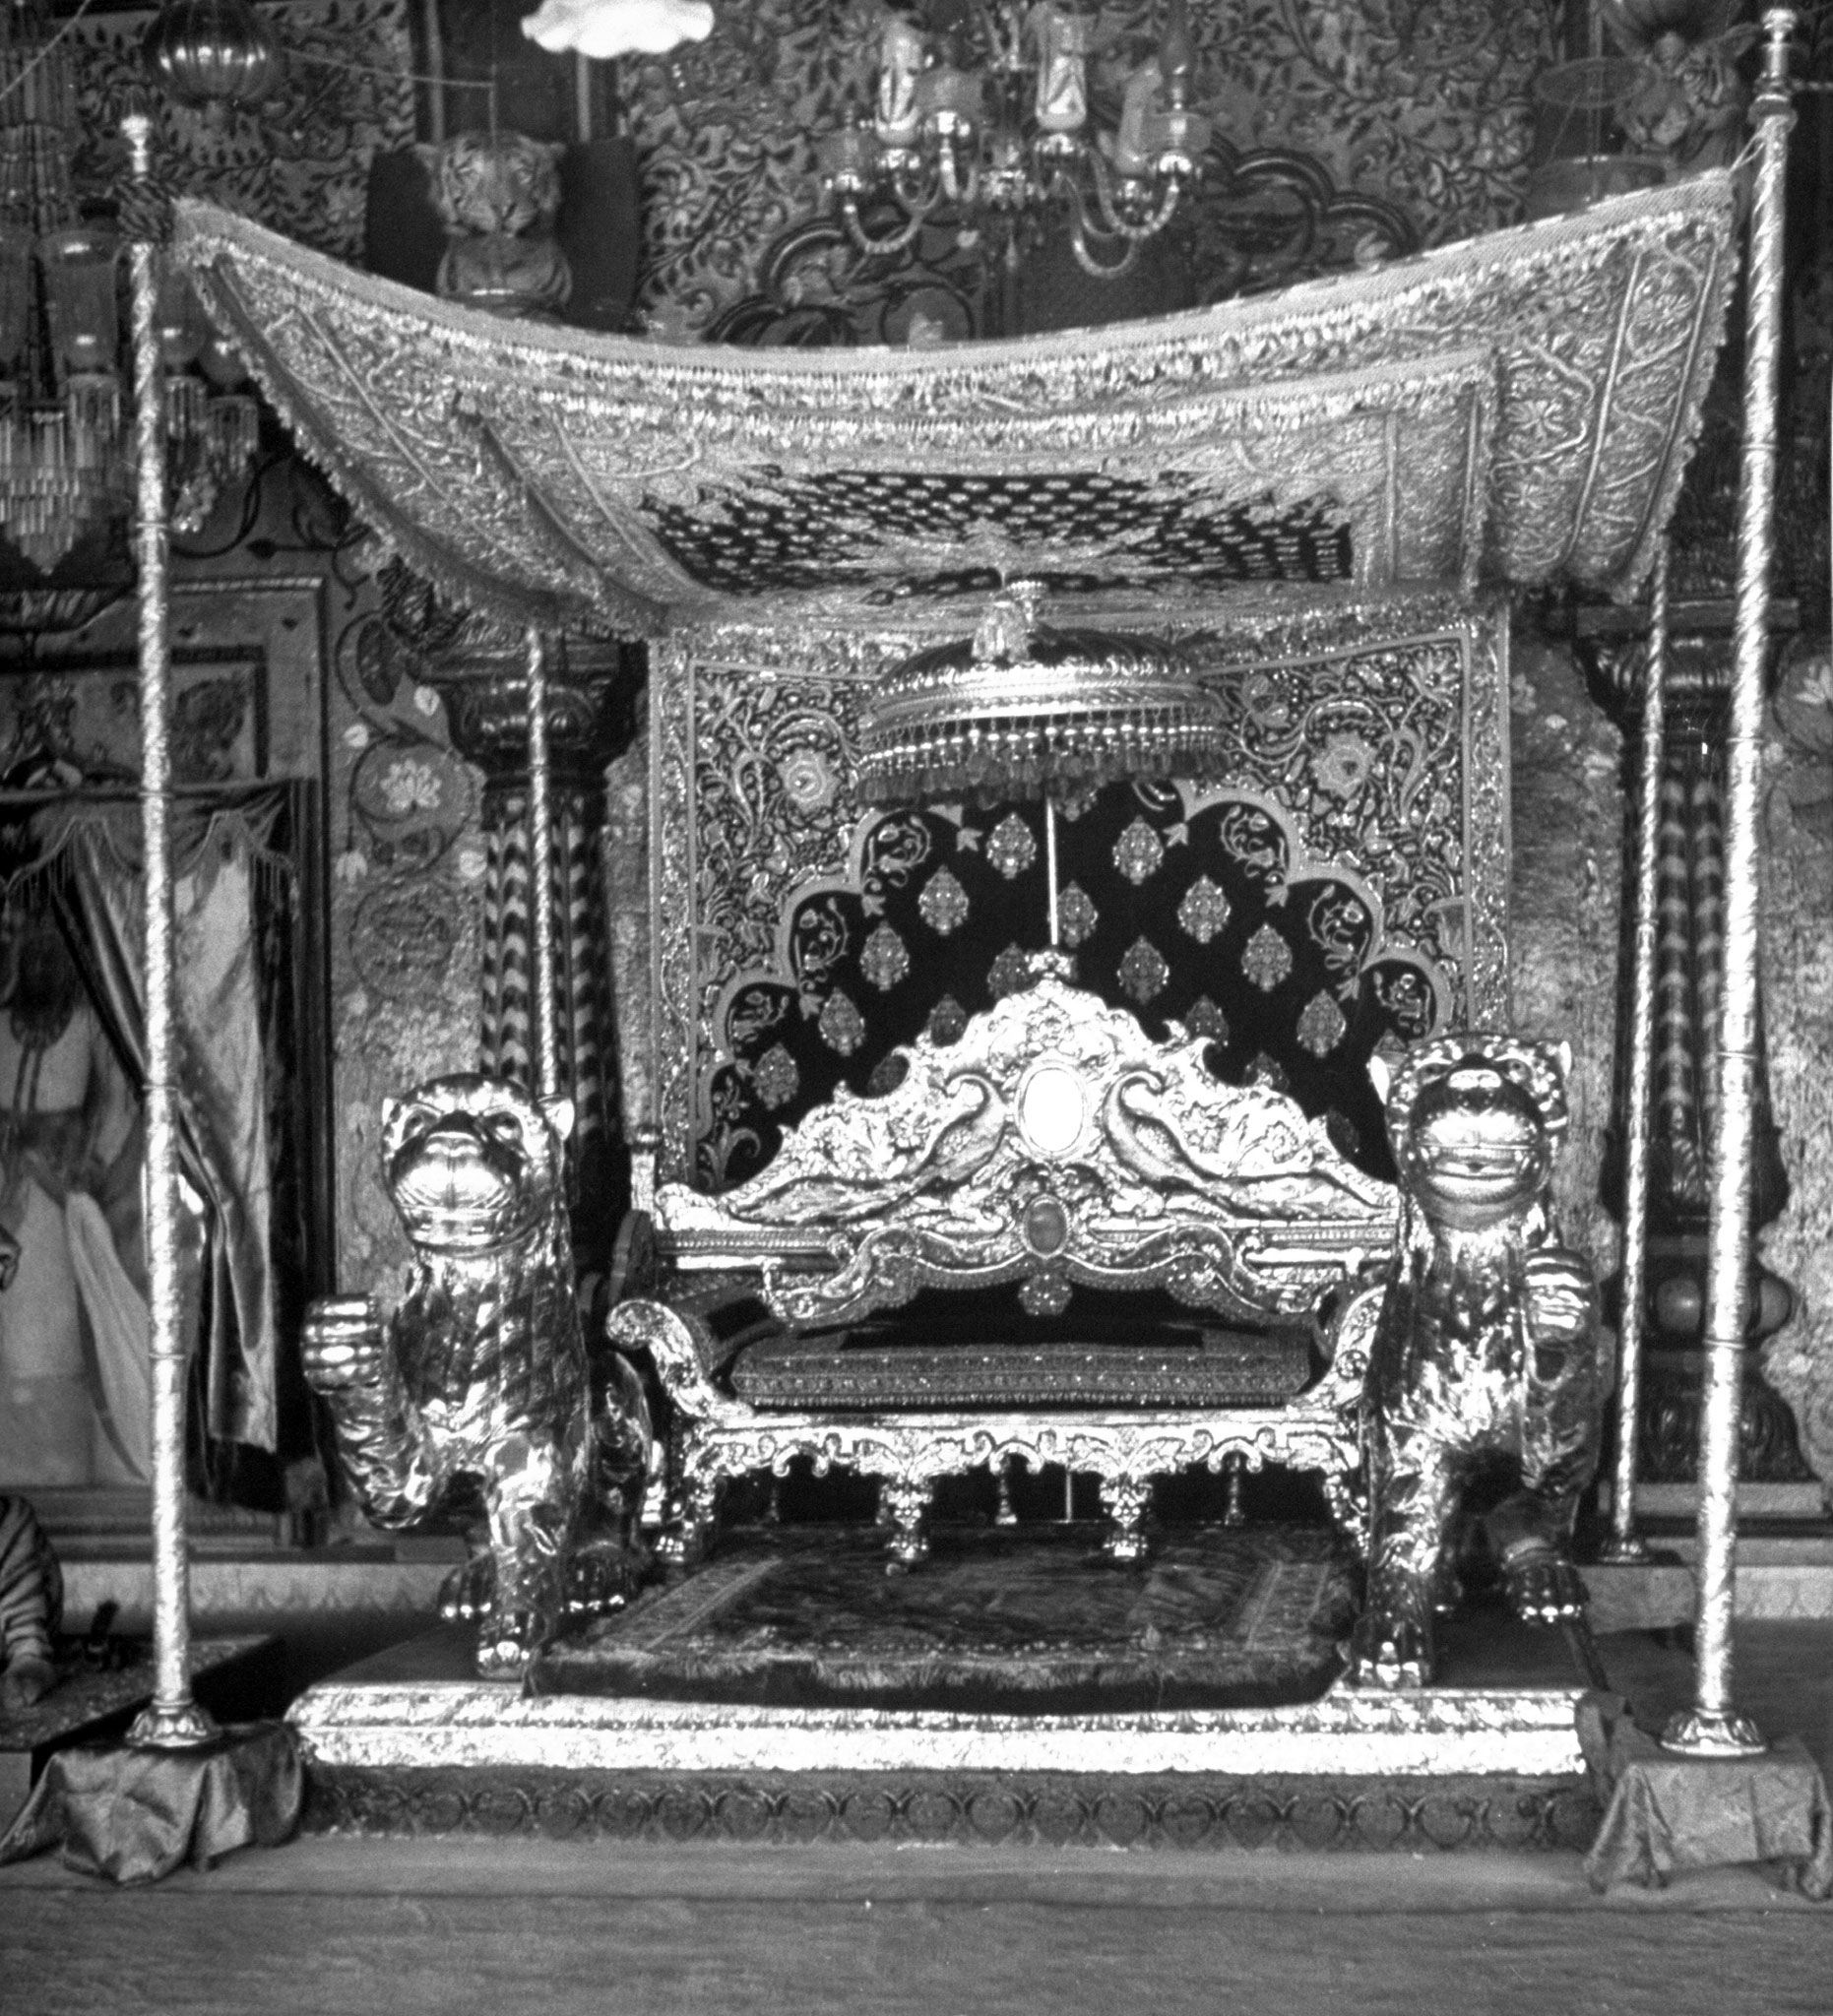 Marahaja's throne room in the main palace made of beautiful decorations. India, 1951.